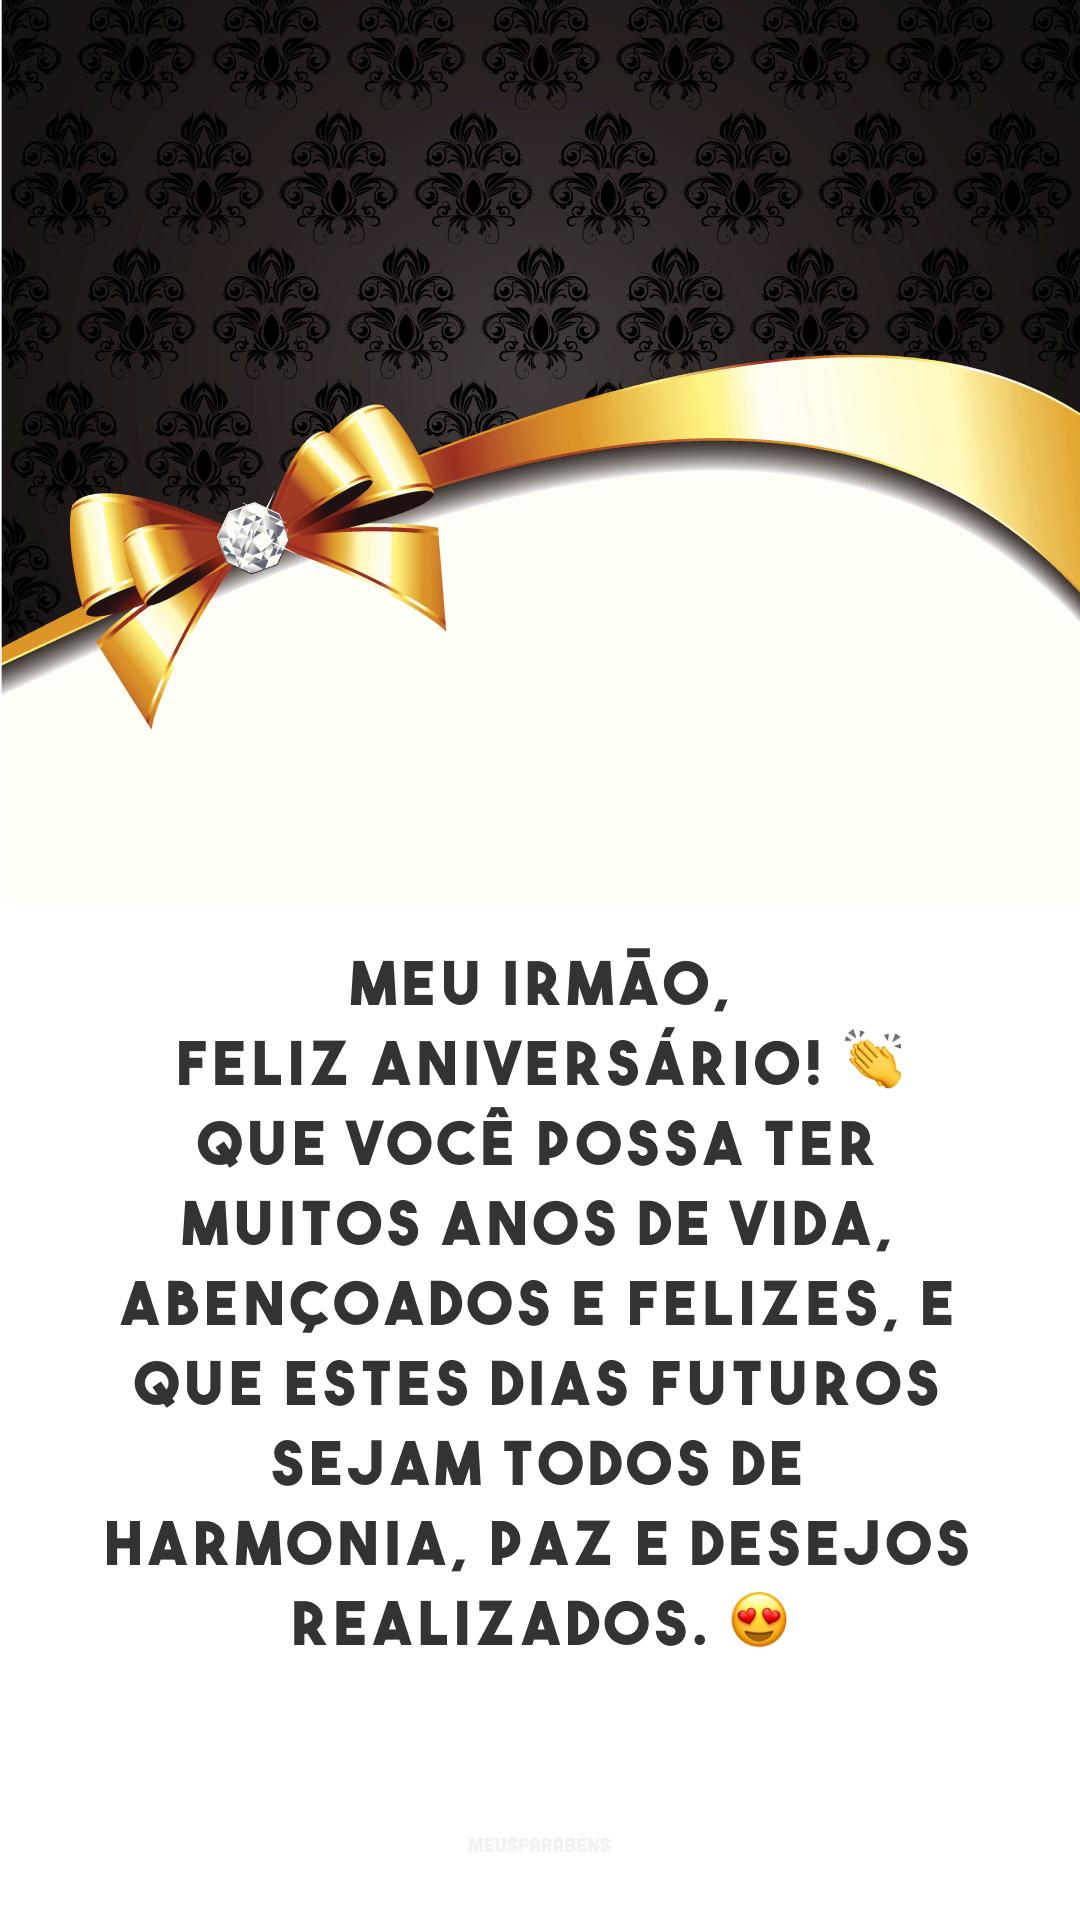 Meu irmão, feliz aniversário! 👏 Que você possa ter muitos anos de vida, abençoados e felizes, e que estes dias futuros sejam todos de harmonia, paz e desejos realizados. 😍